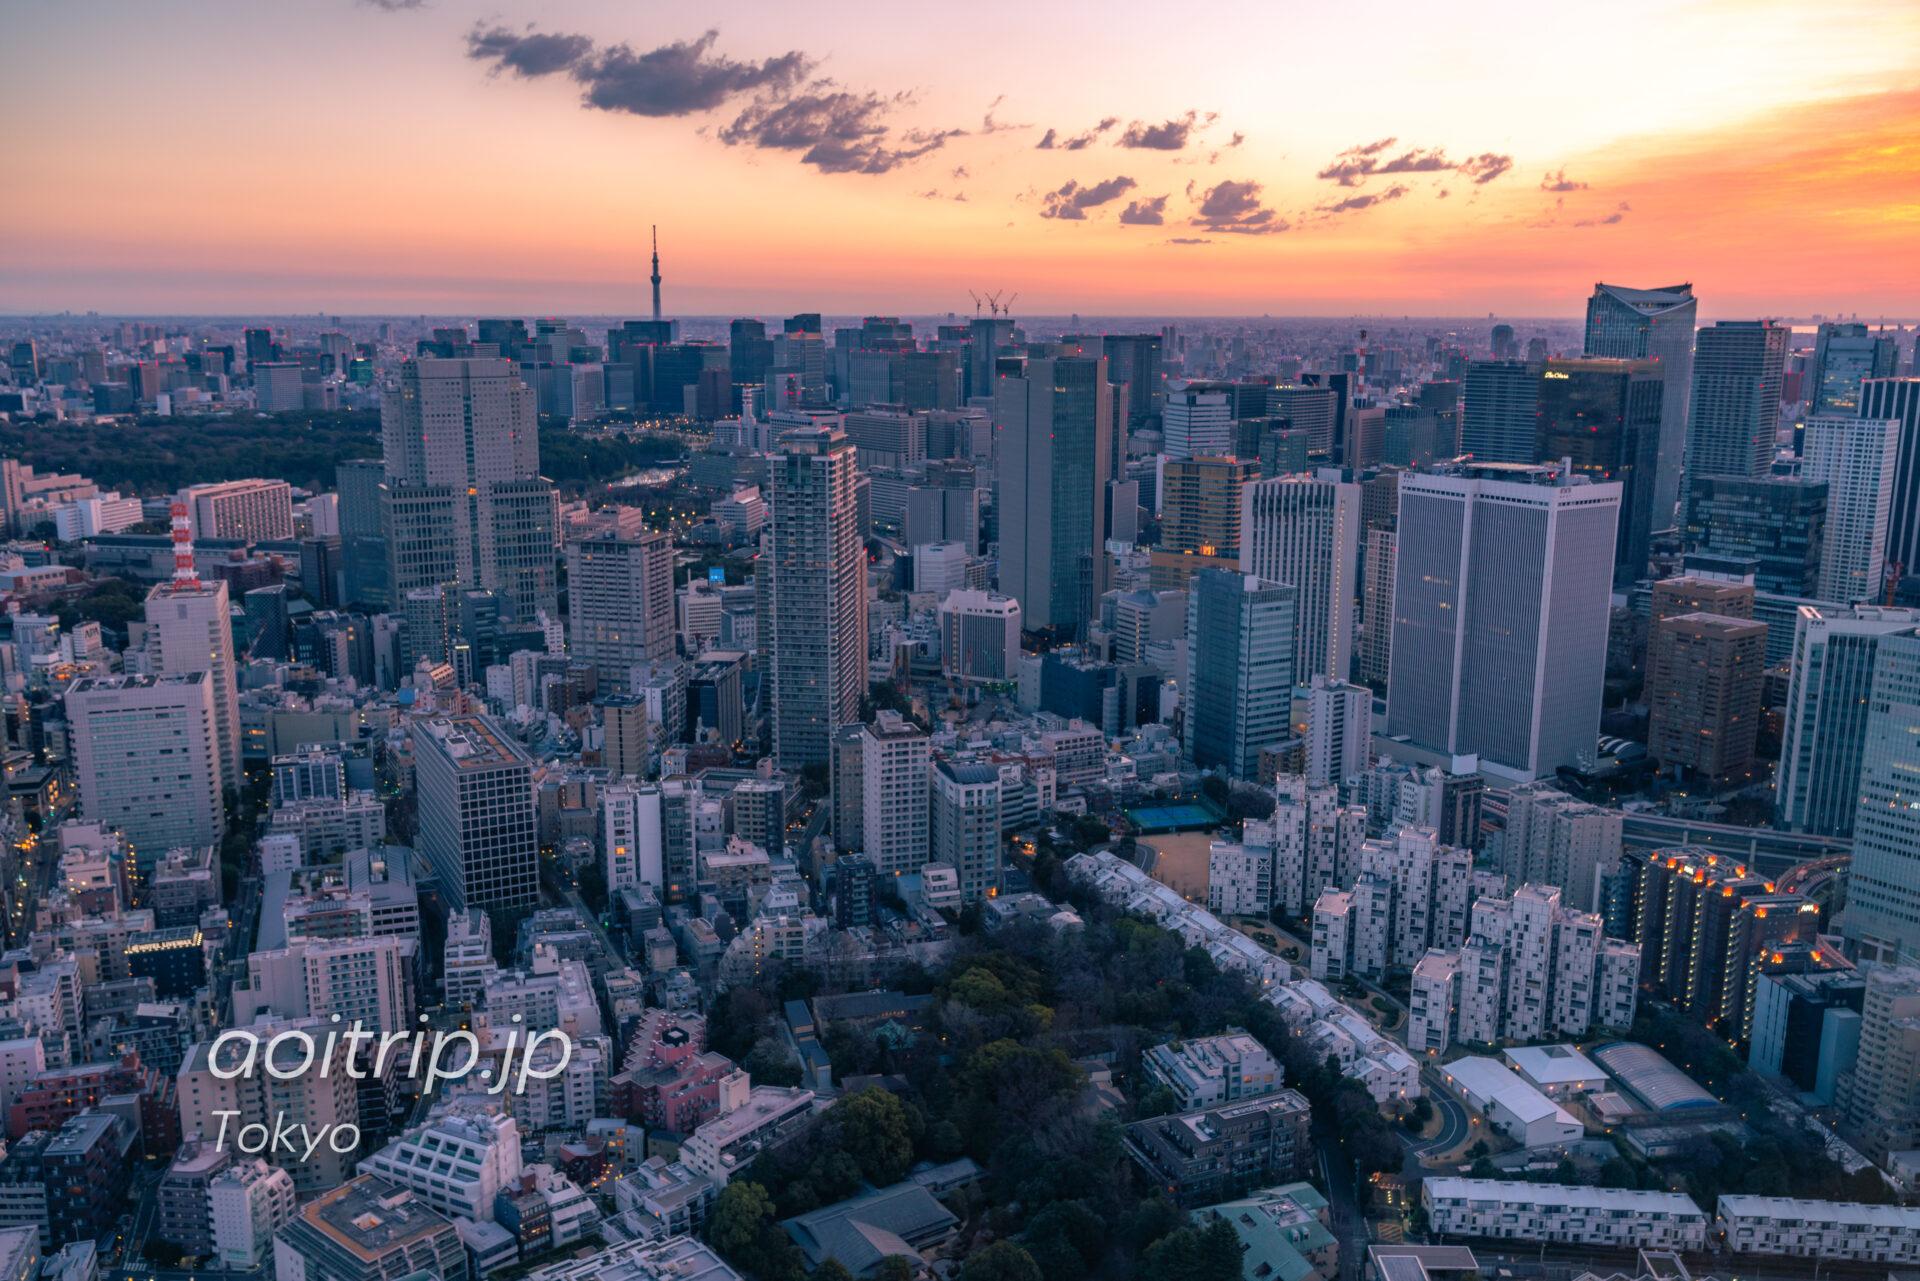 Tokyo Skyline ザ リッツカールトン東京から望む夜明けの空と東京スカイツリー